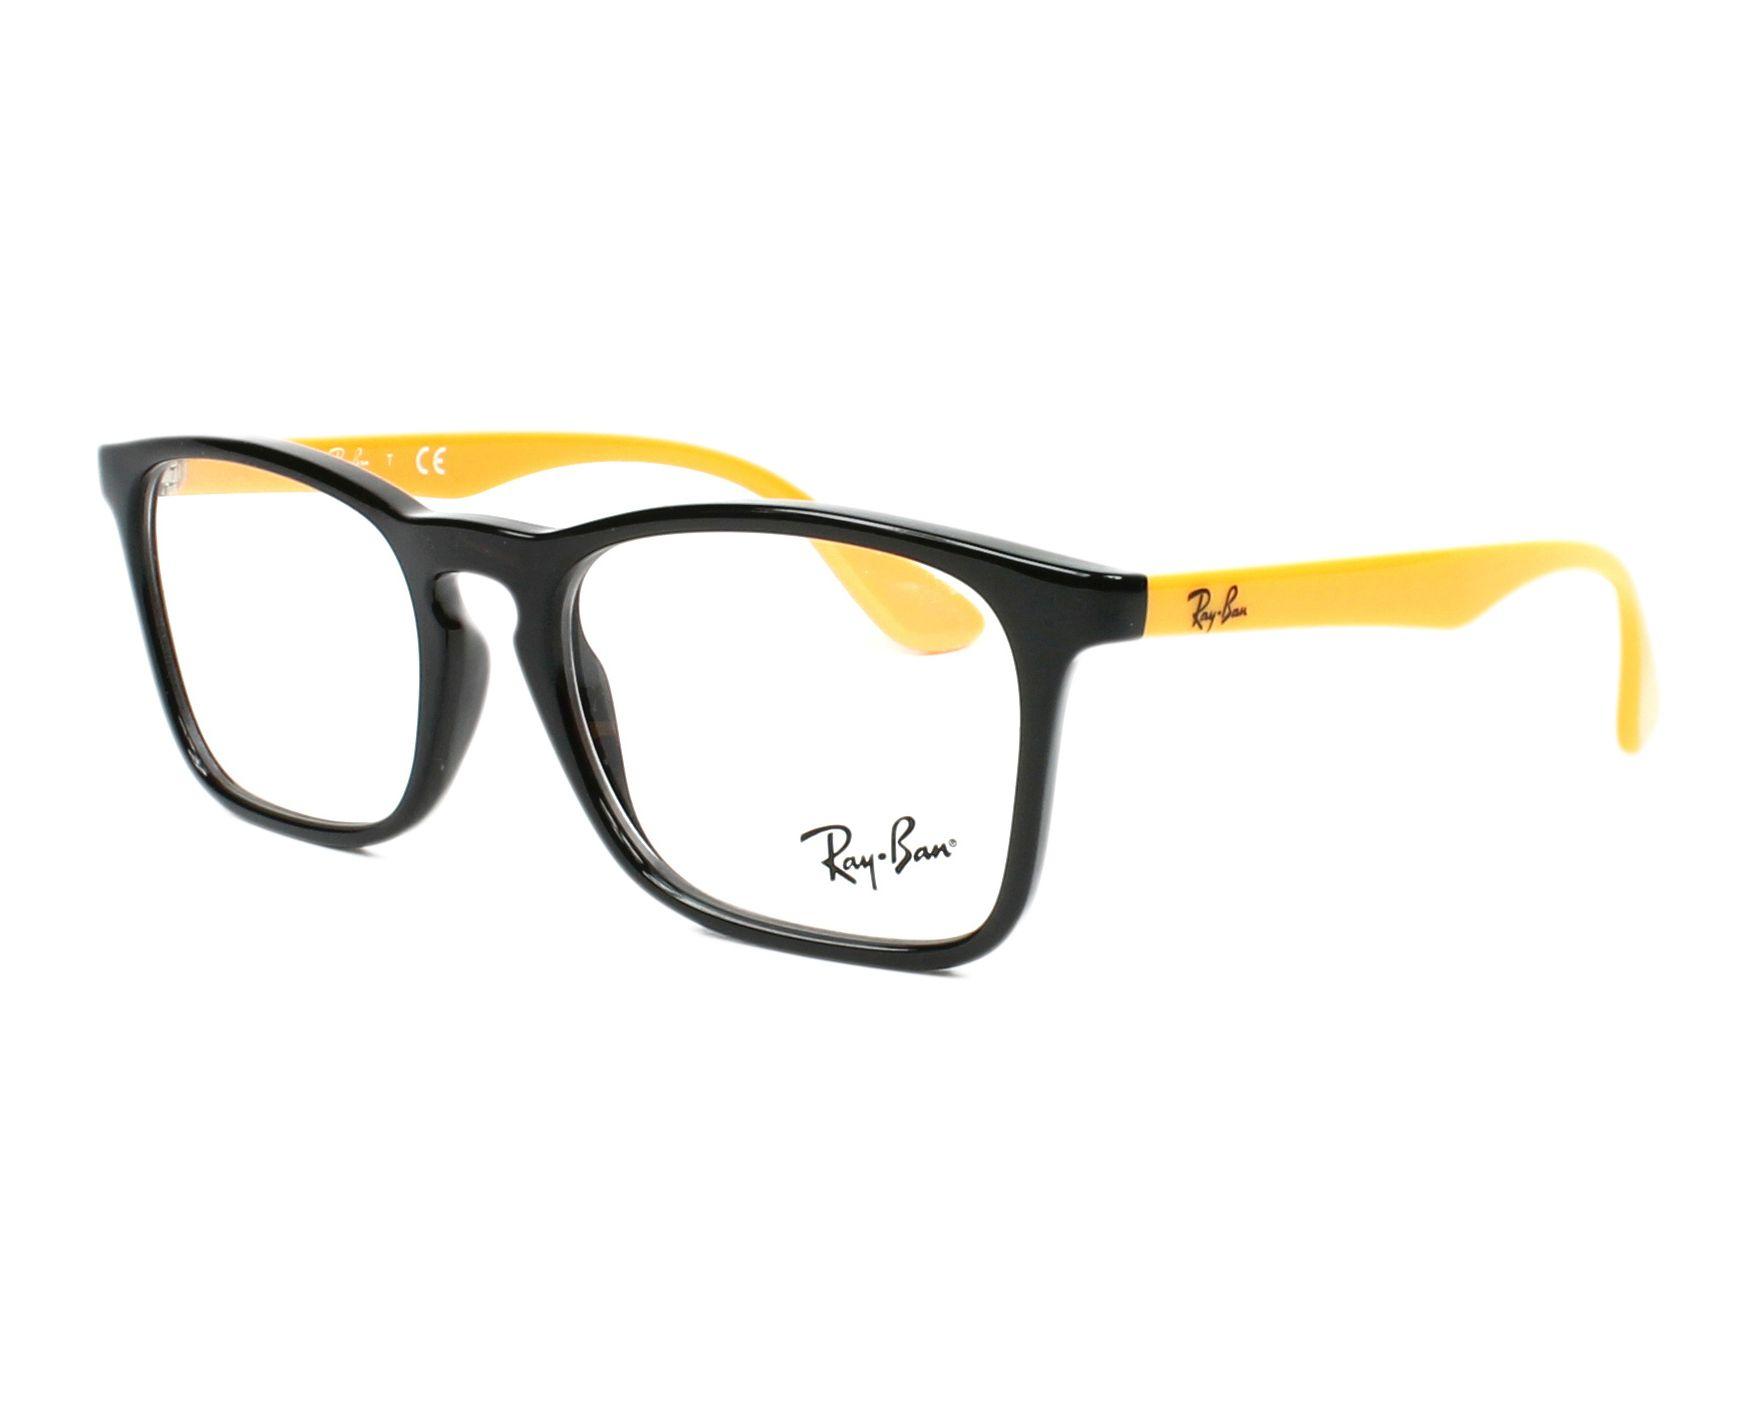 f40c6186059852 eyeglasses Ray-Ban RY-1553 3724 48-16 Black Yellow profile view